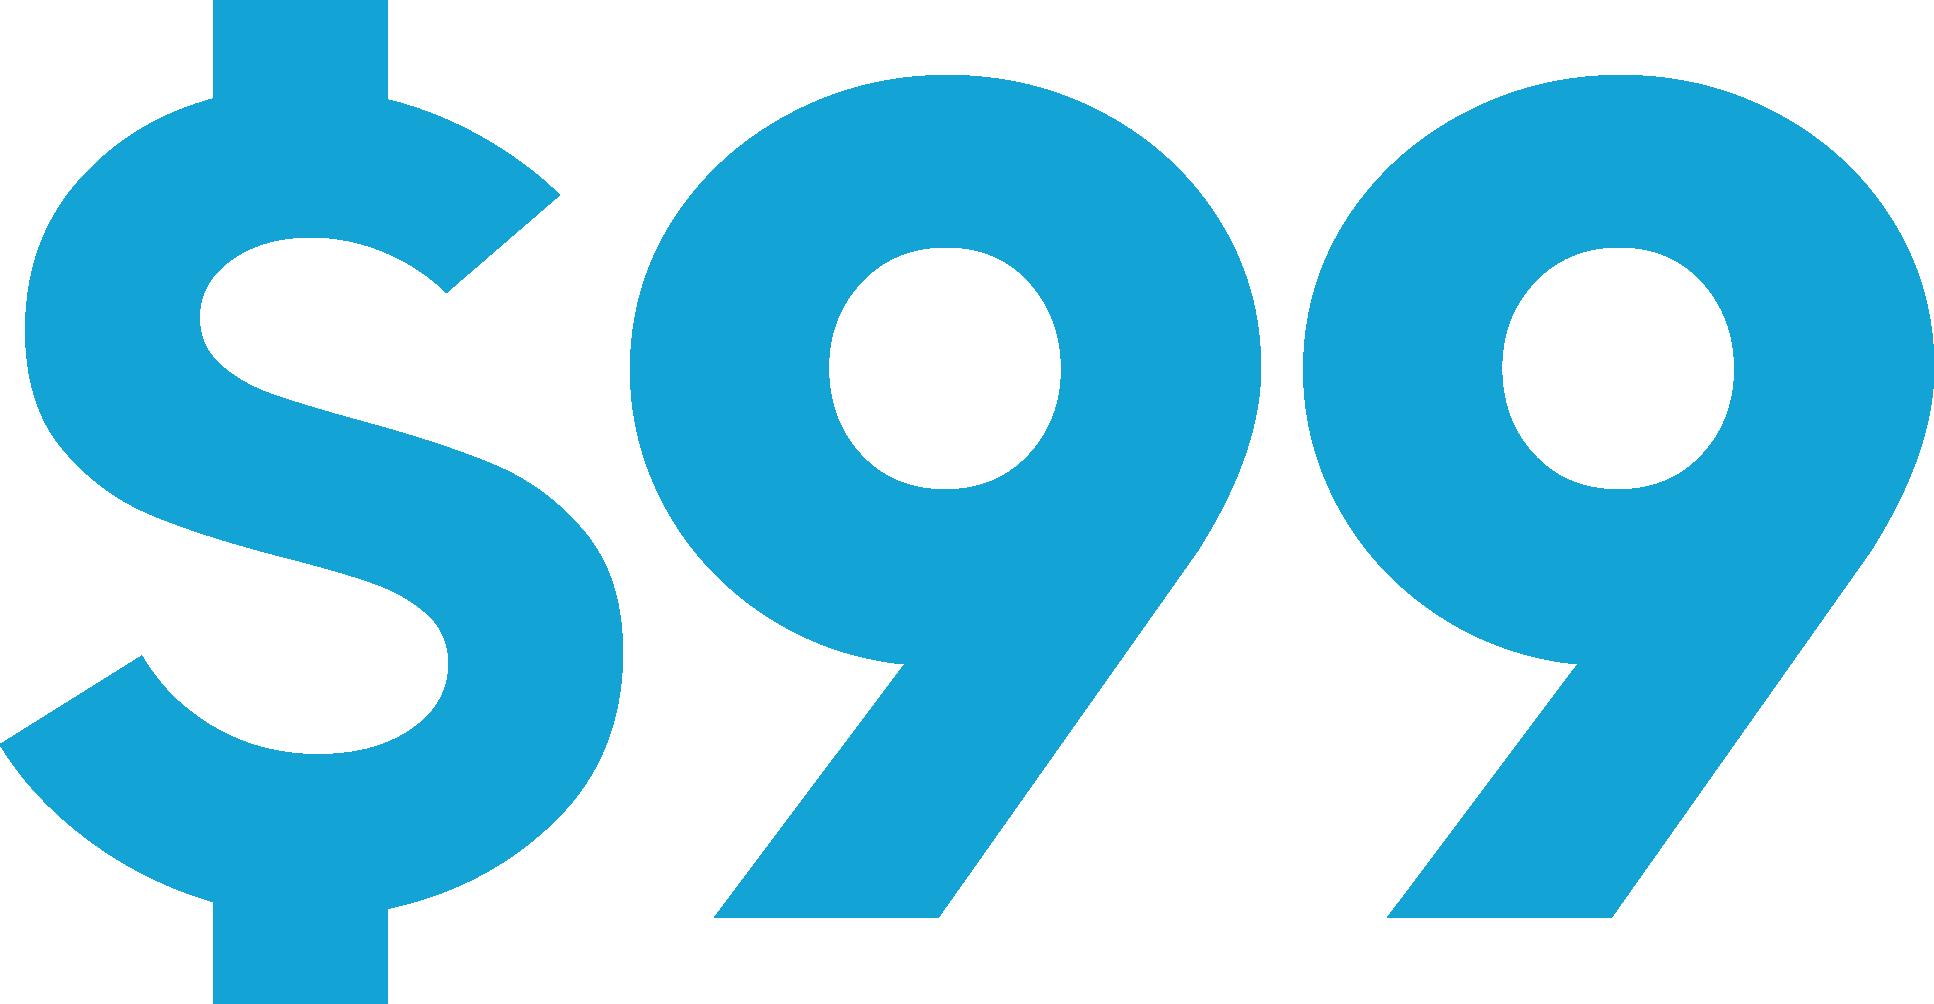 99_tag.png